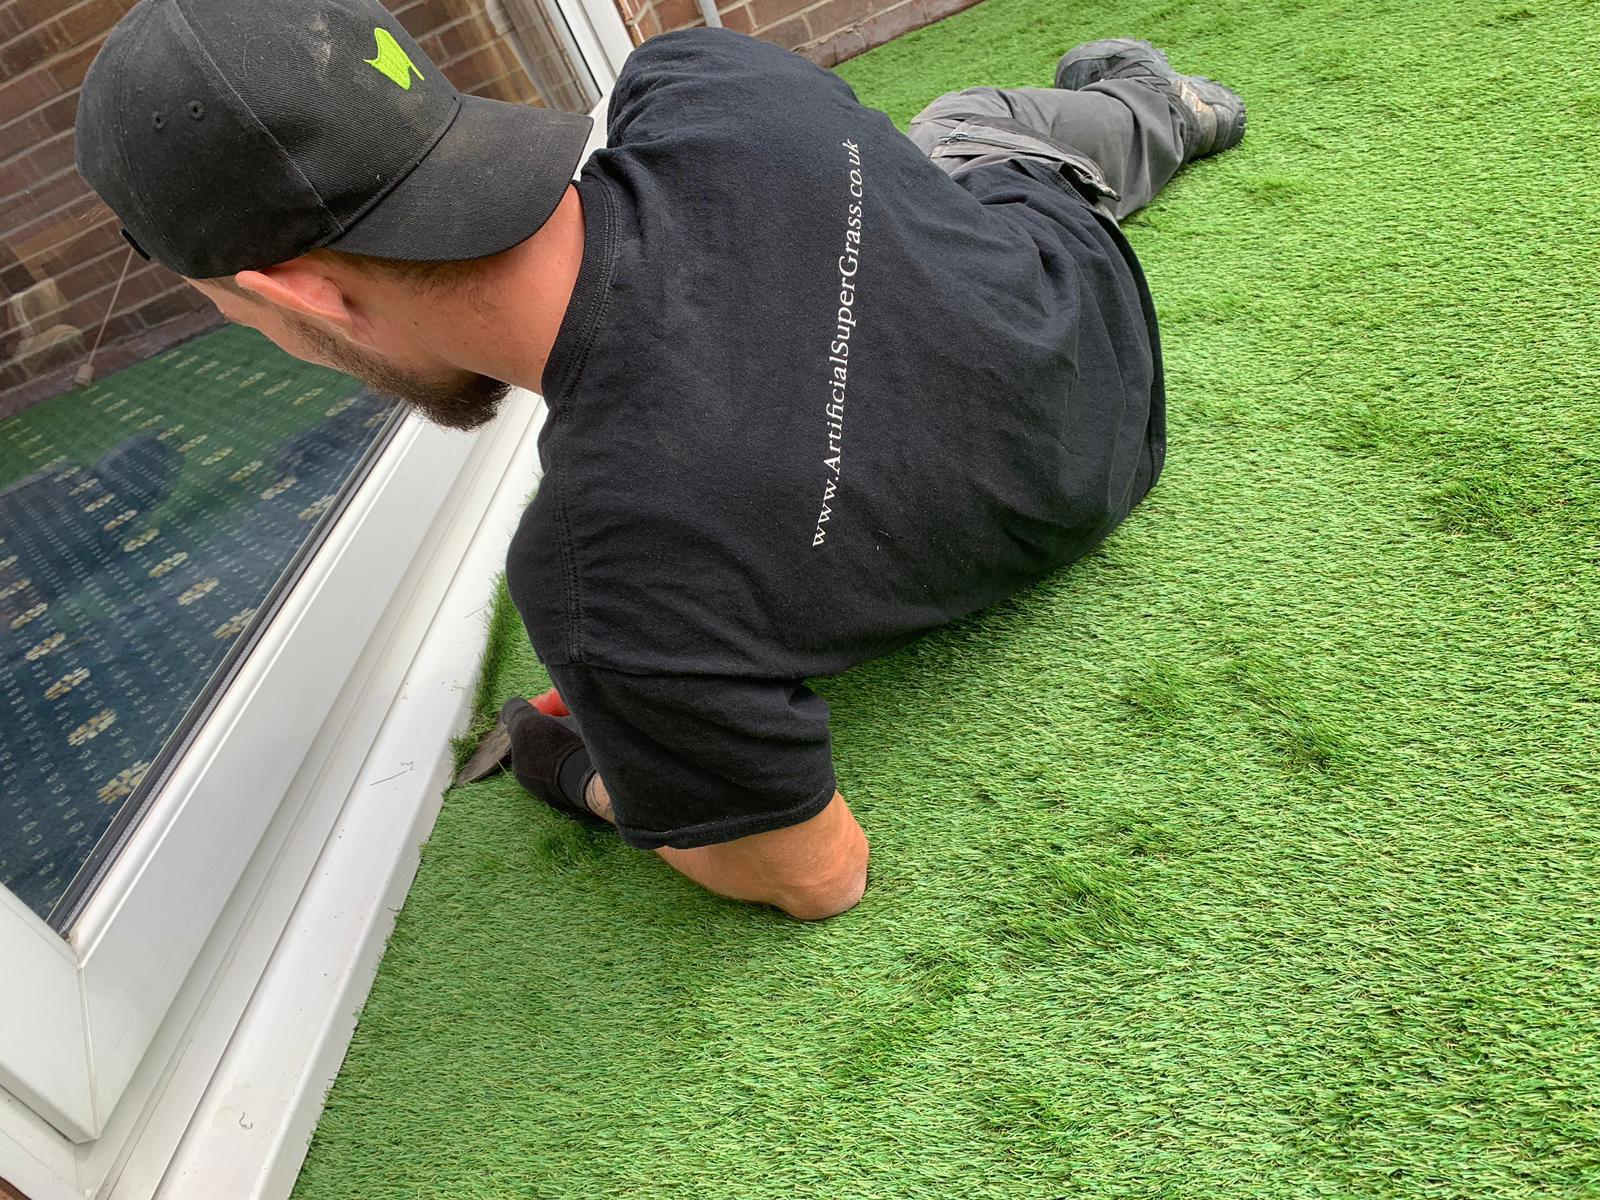 Best Quality Artificial Grass Lincoln Artificial Super Grass